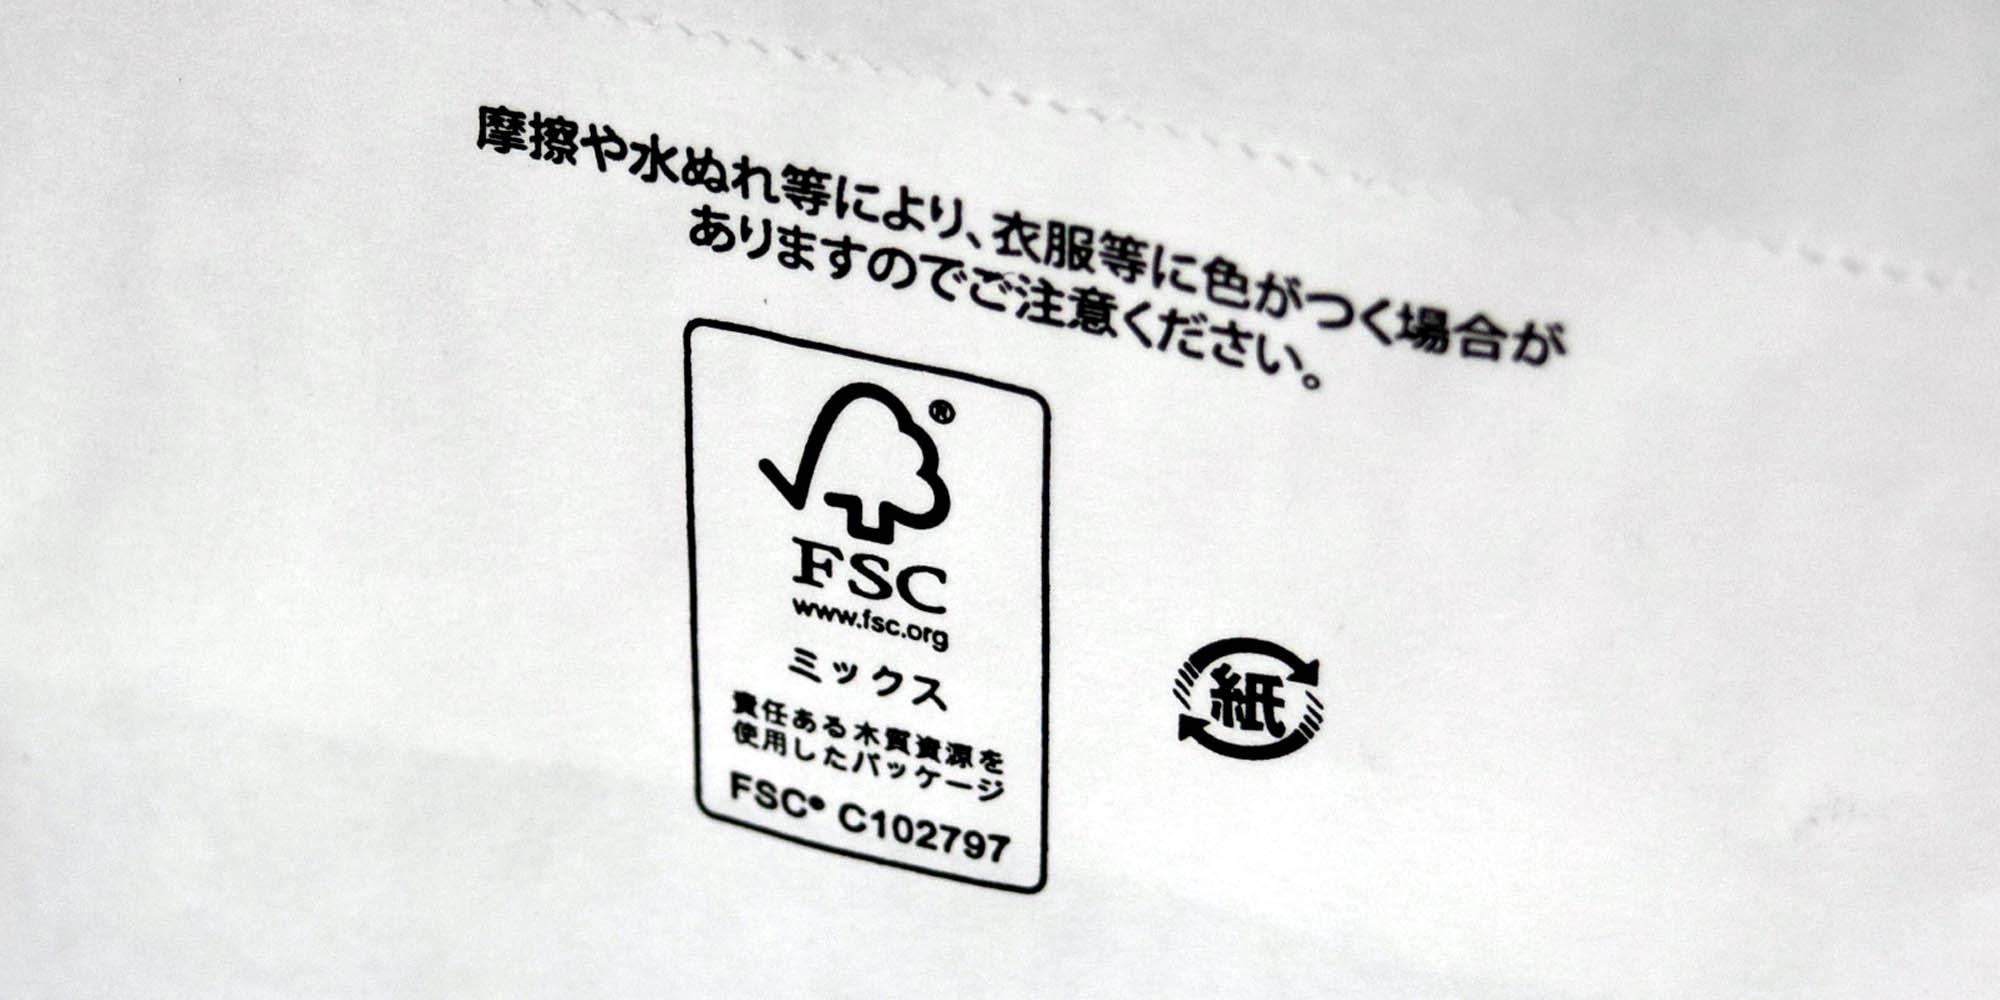 アパレル持ち帰り用。安価で製作可能なオリジナル紙袋で、環境負荷が適切に管理された森林由来。